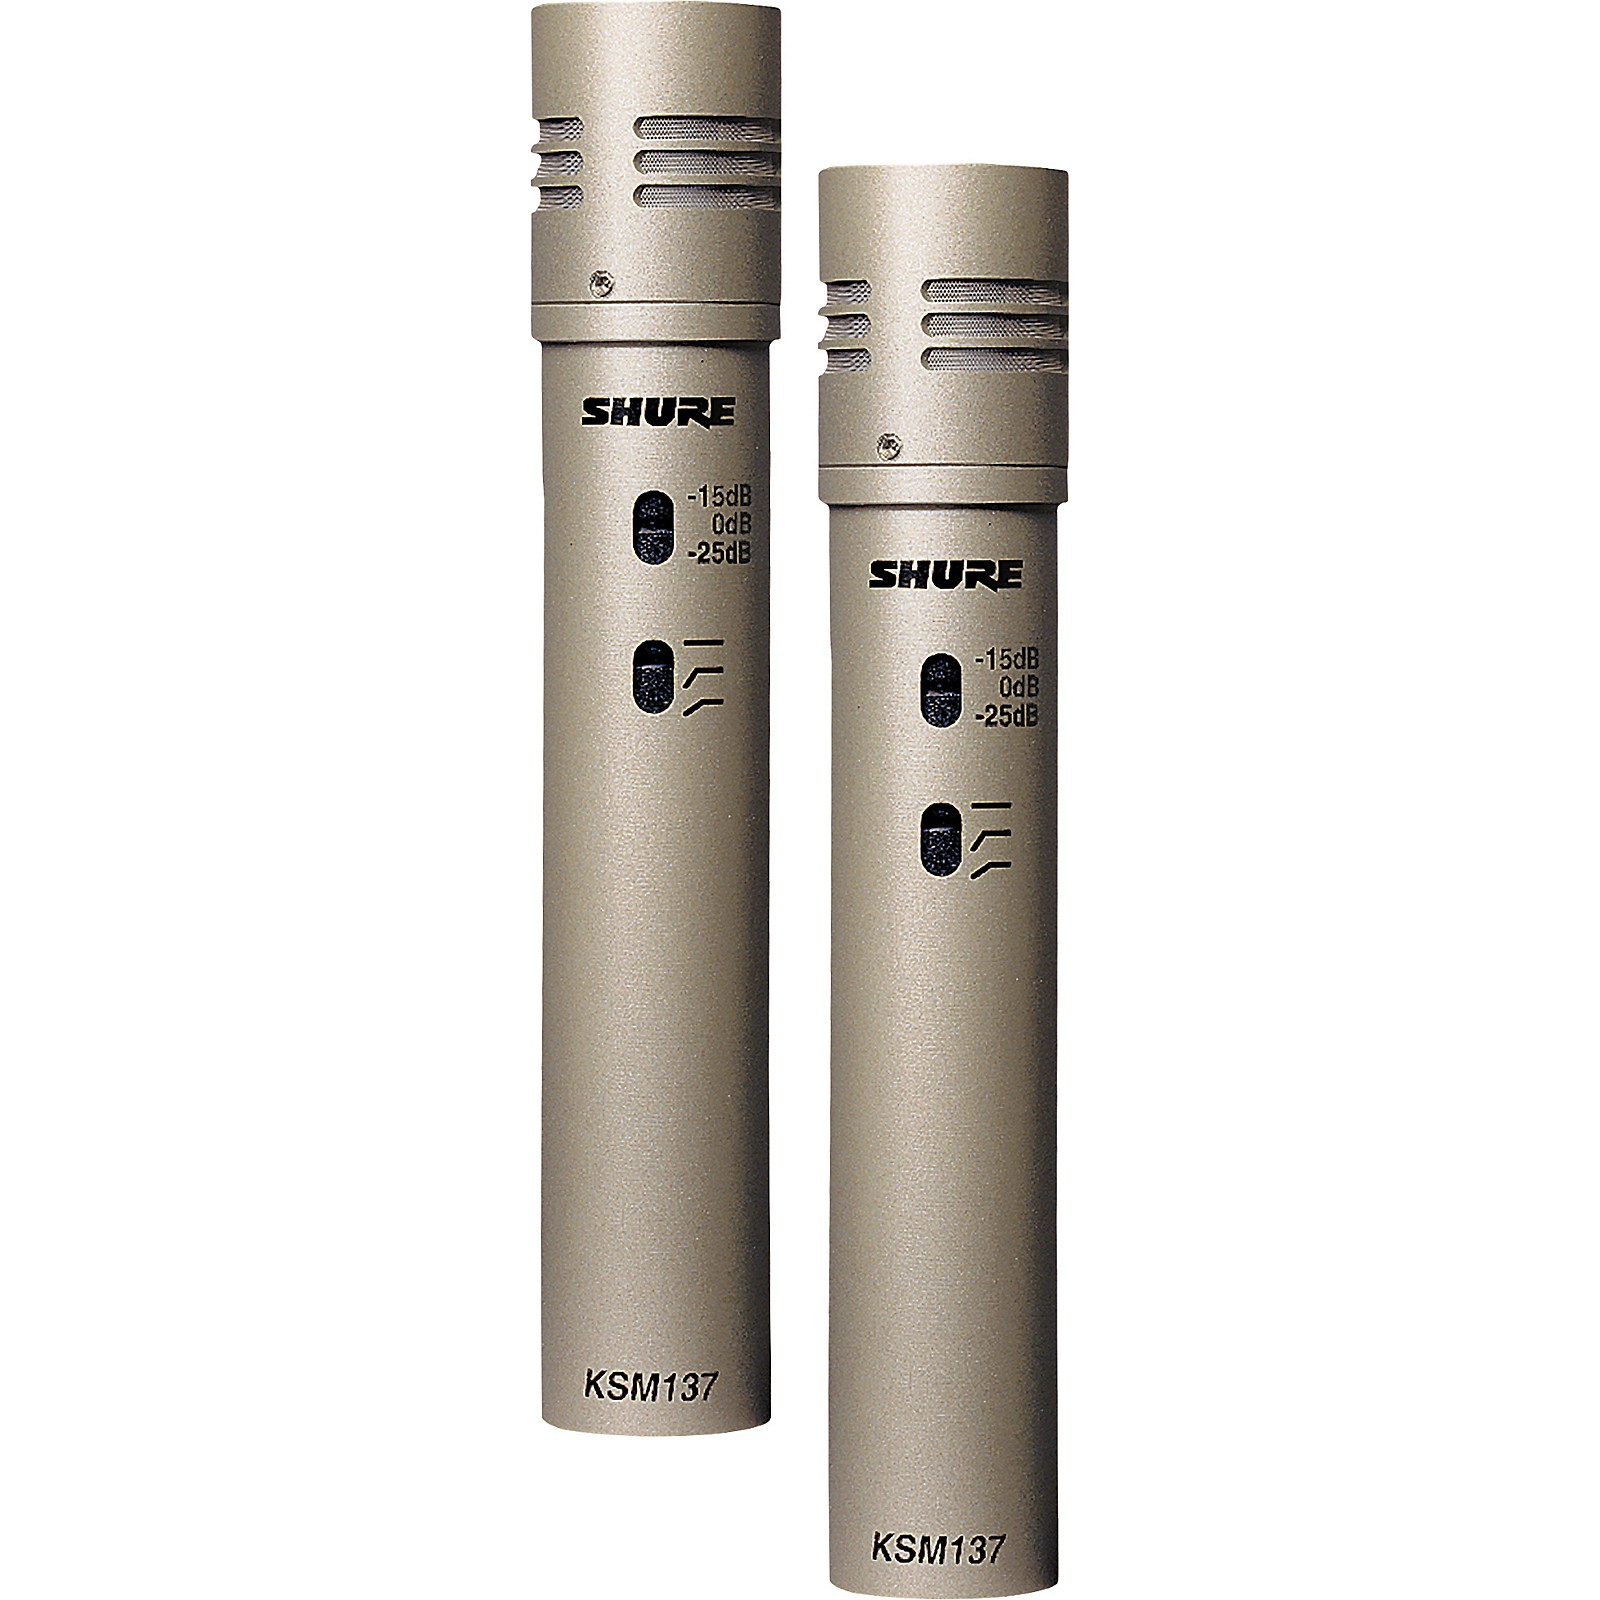 Shure KSM137/SL STEREO Cardioid Condenser (Stereo Pair)